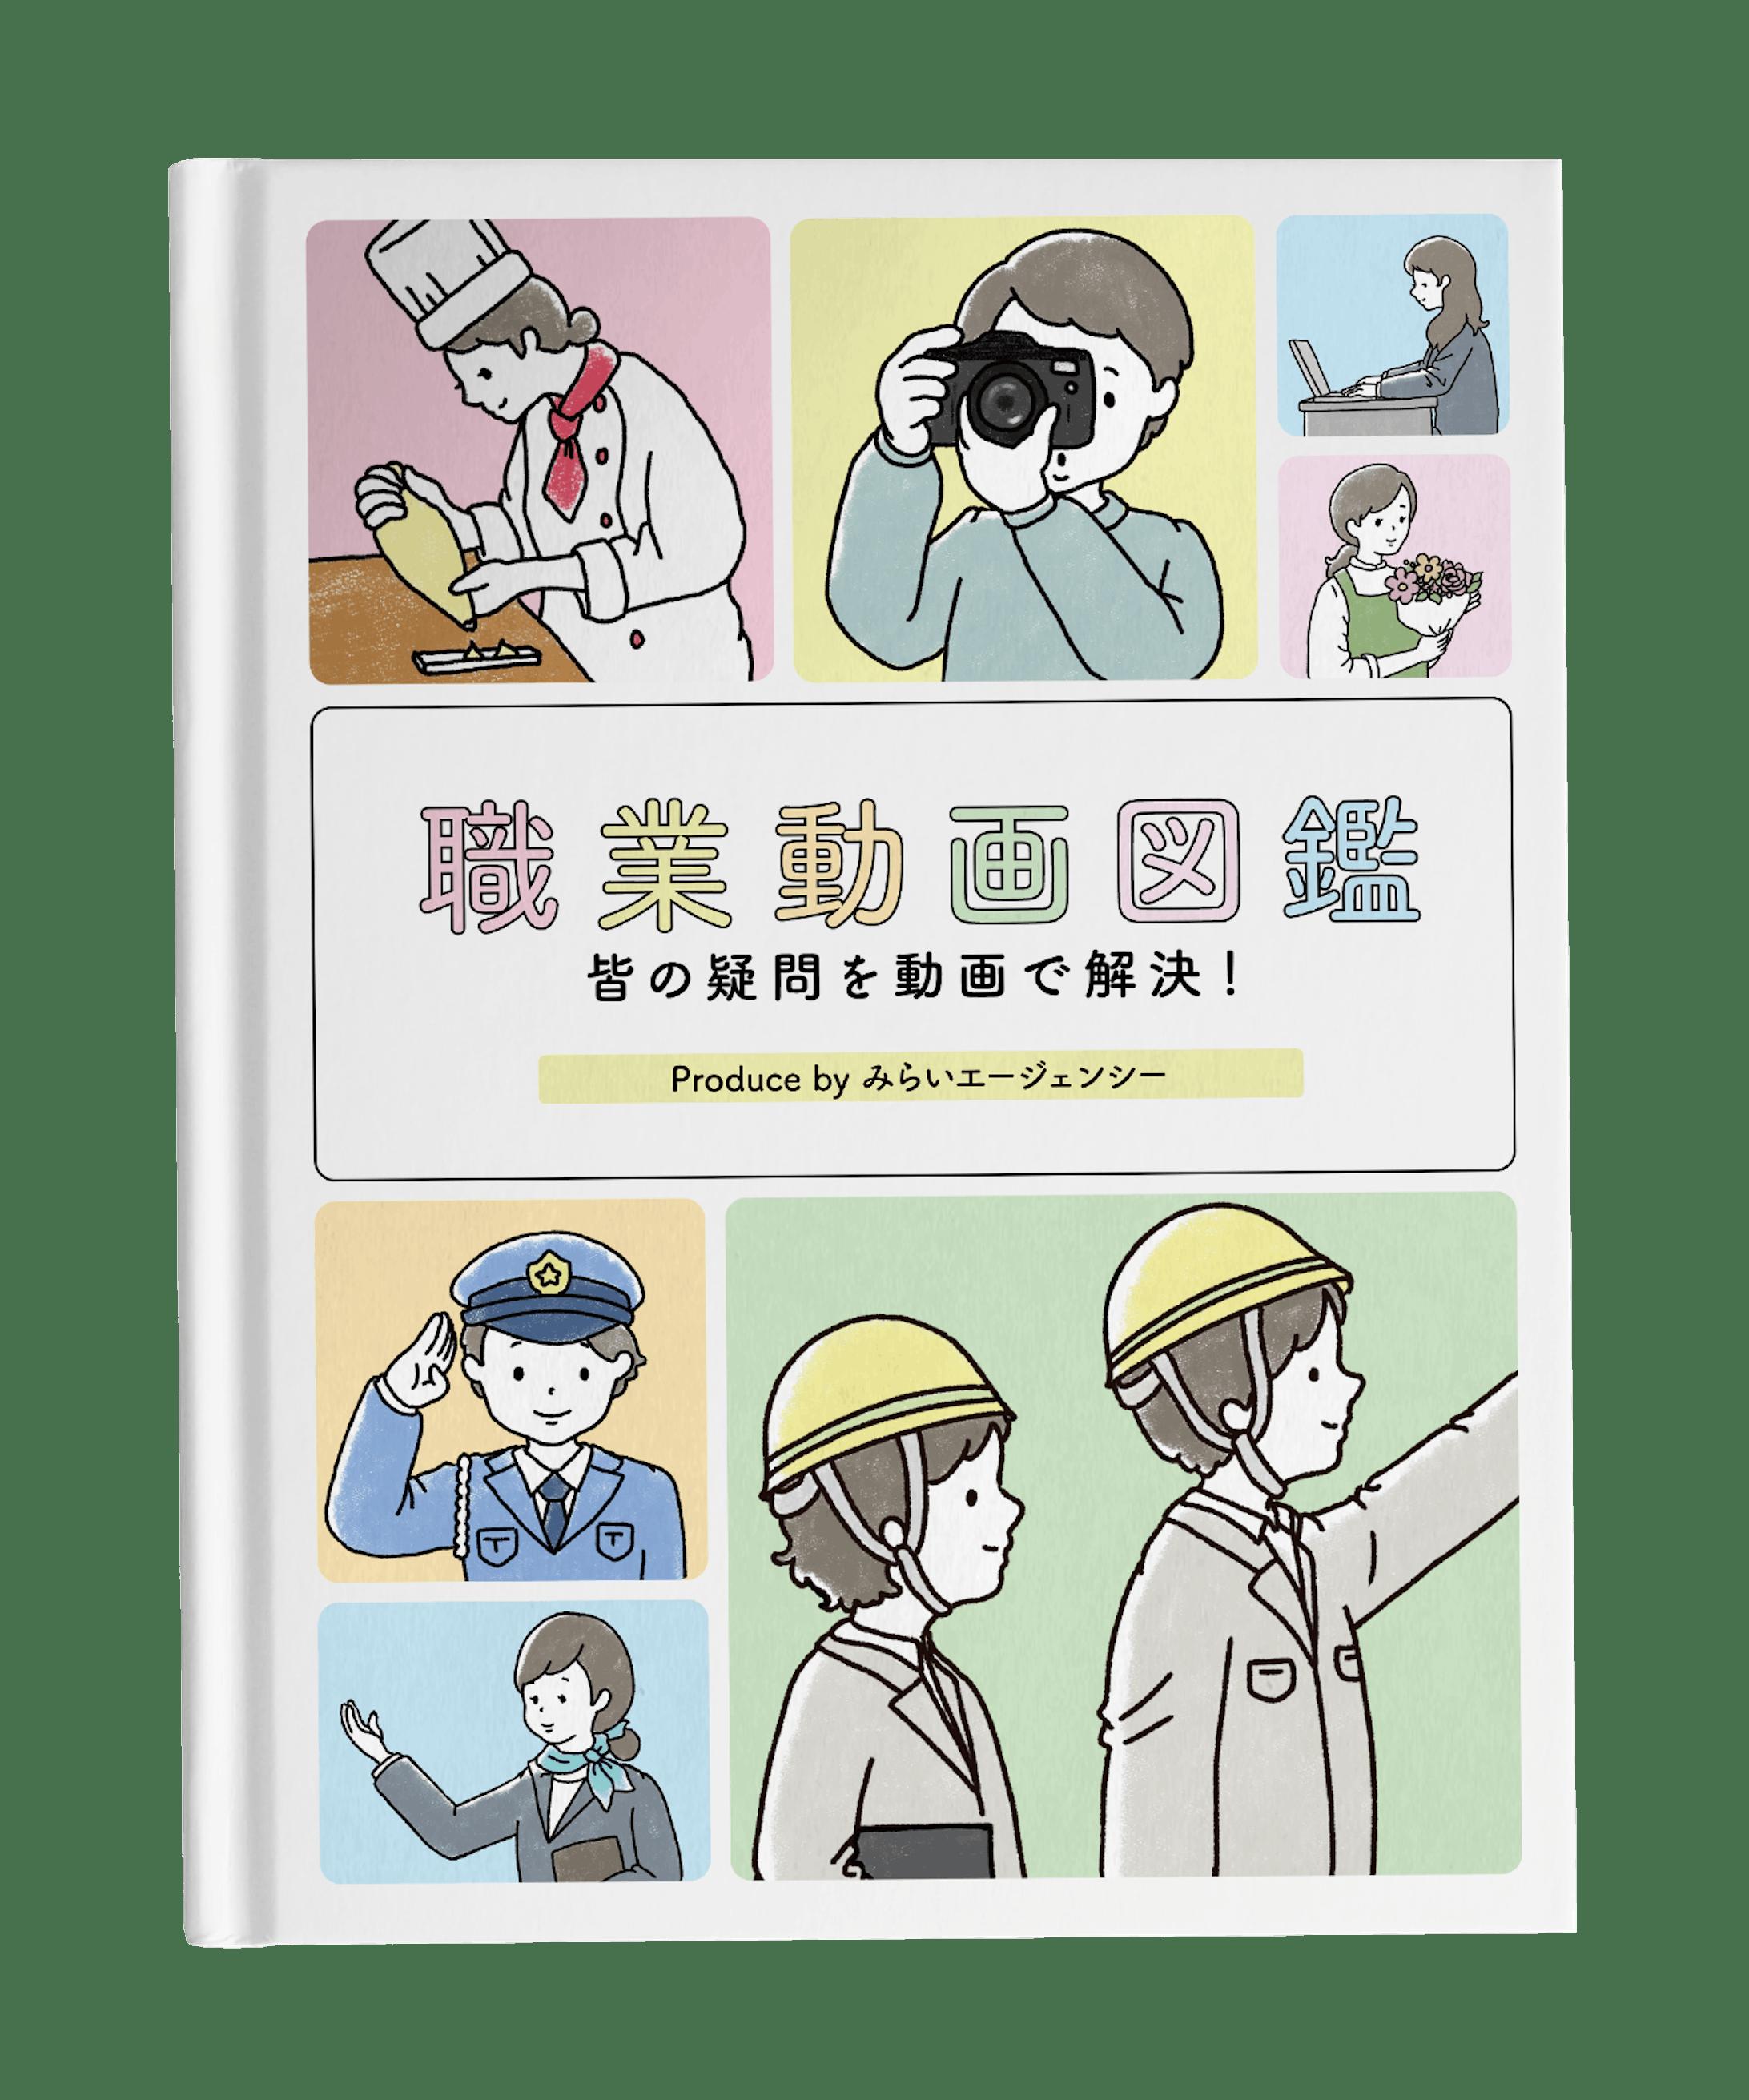 【イラスト】職業体験図鑑イラスト-1